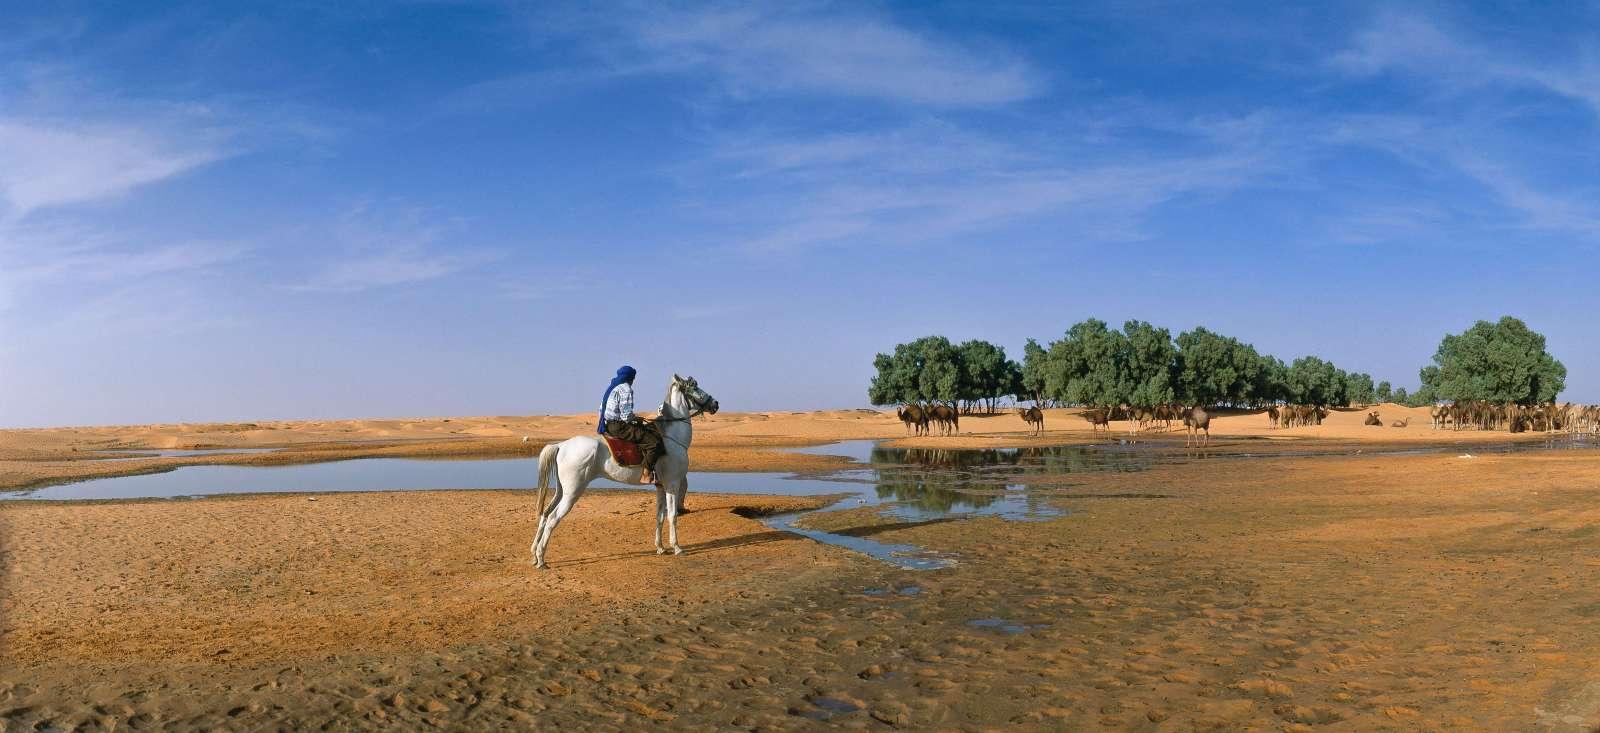 Voyage à pied : Chevauchée aux portes du Sahara